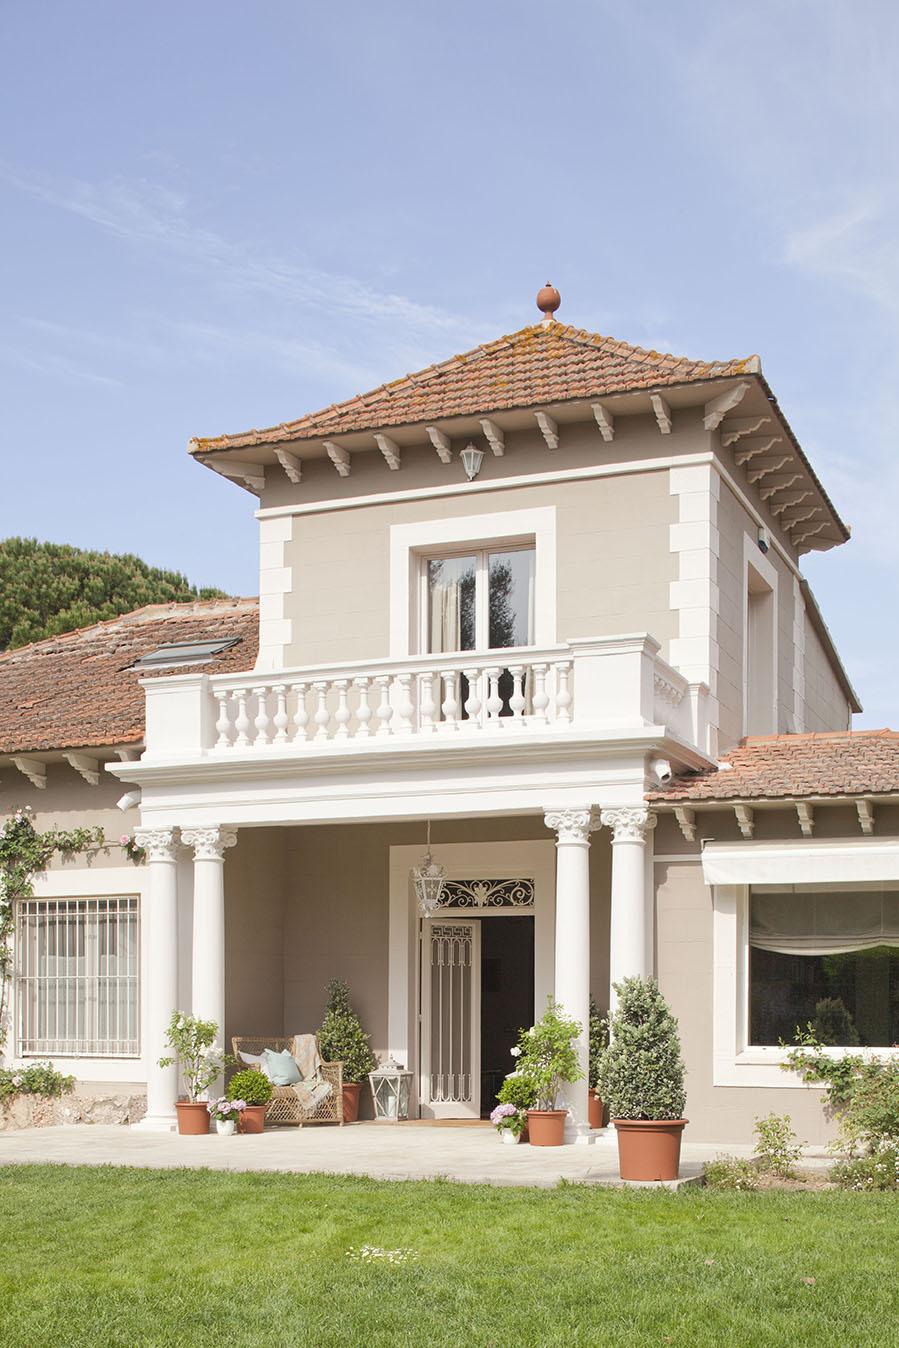 Un casa reformada llena de armon a for Pilares y columnas